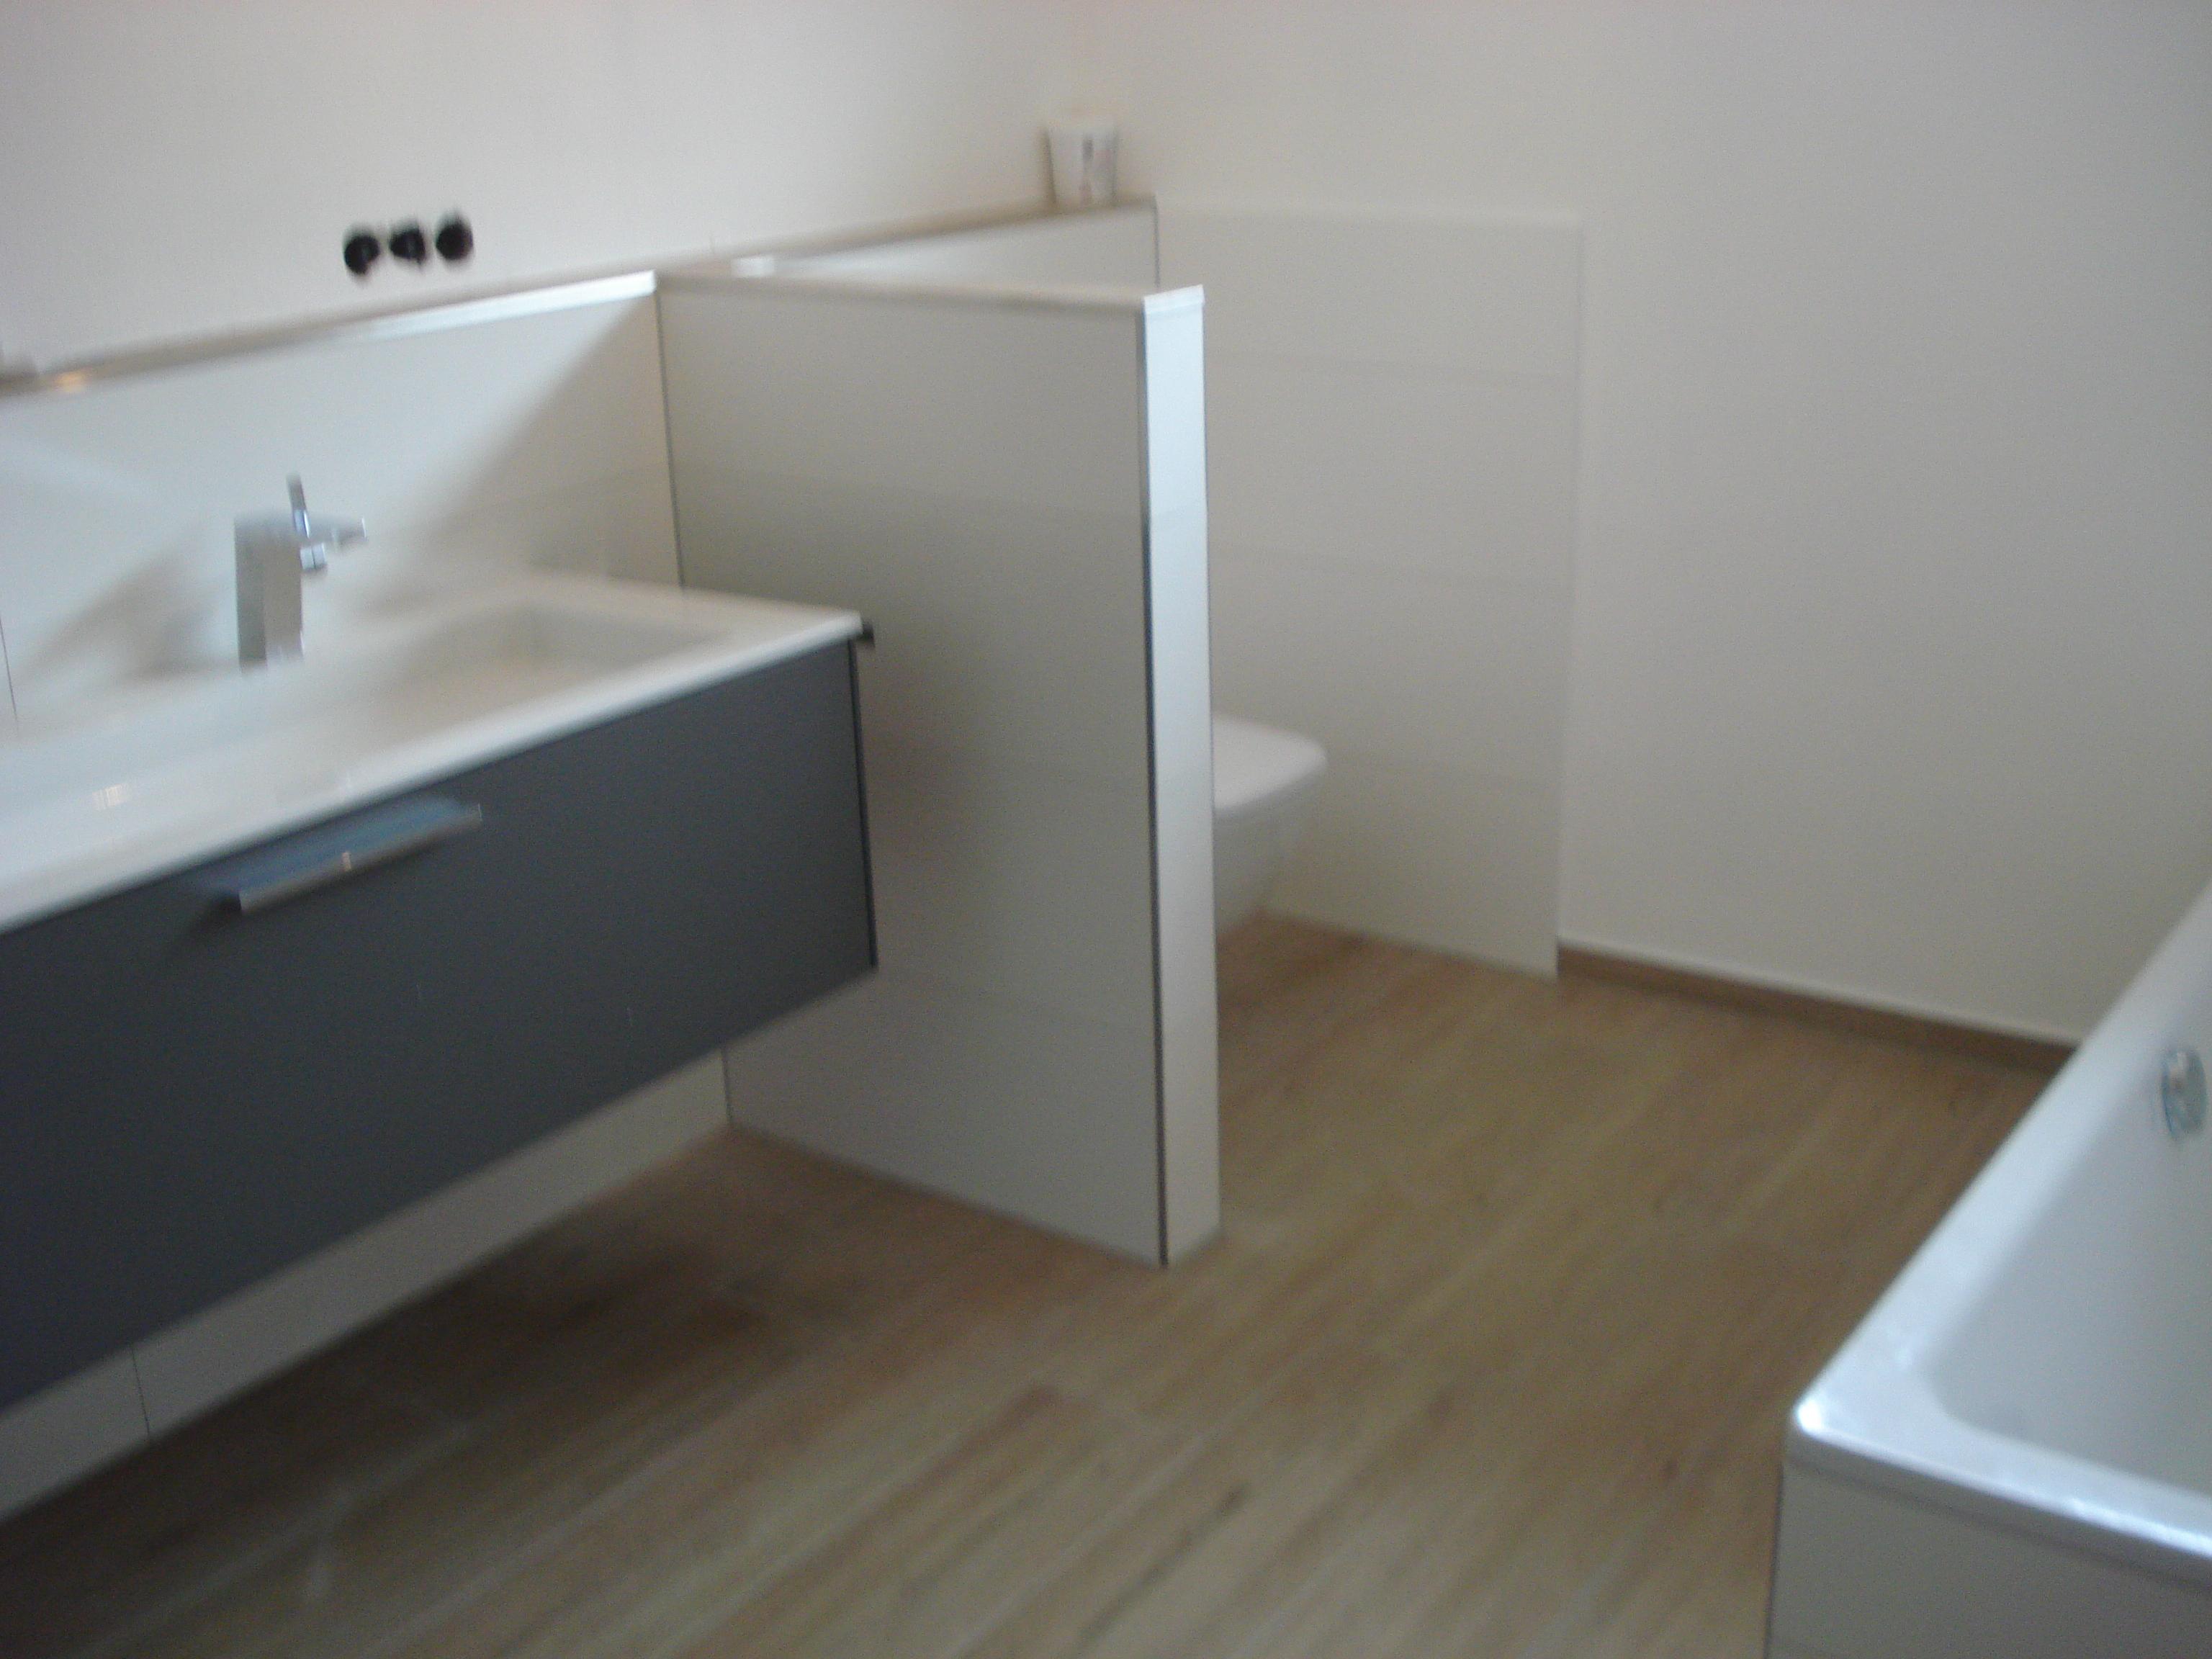 Referenzen firma mr bad komplettsanierung augsburg for Badezimmer komplettsanierung